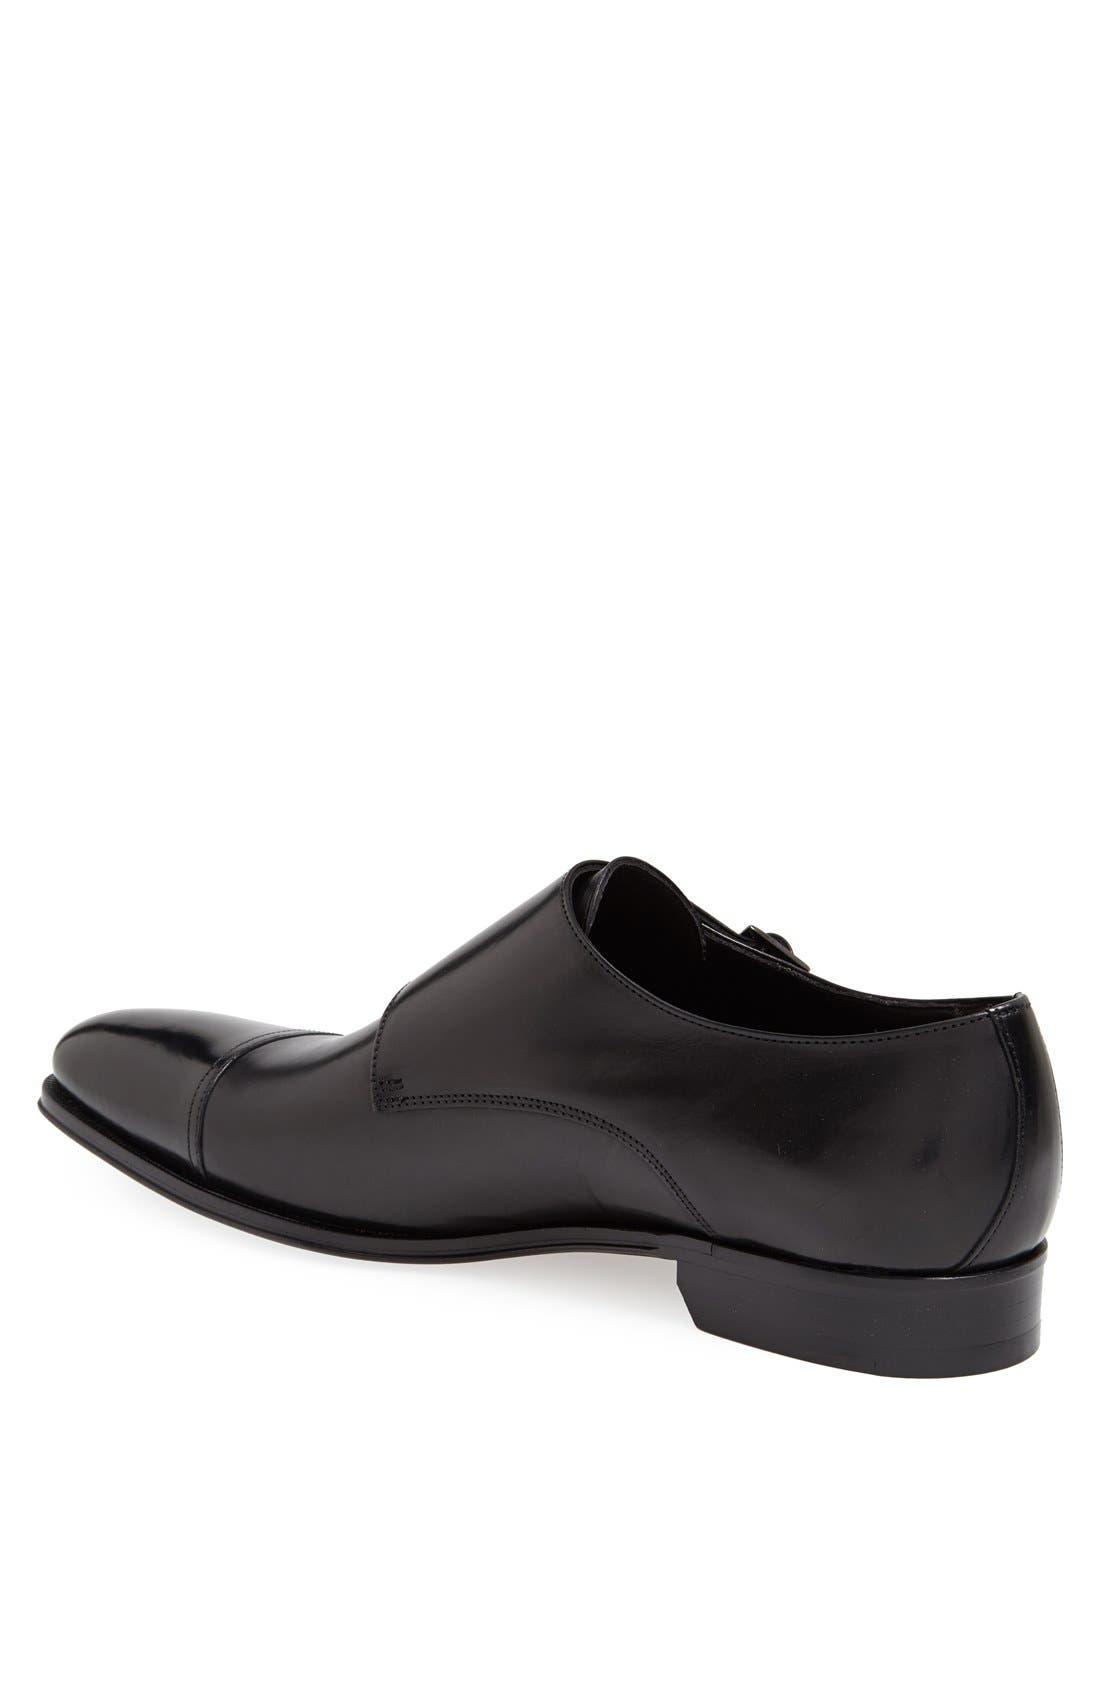 'Grant' Double Monk Shoe,                             Alternate thumbnail 2, color,                             PARMA BLACK